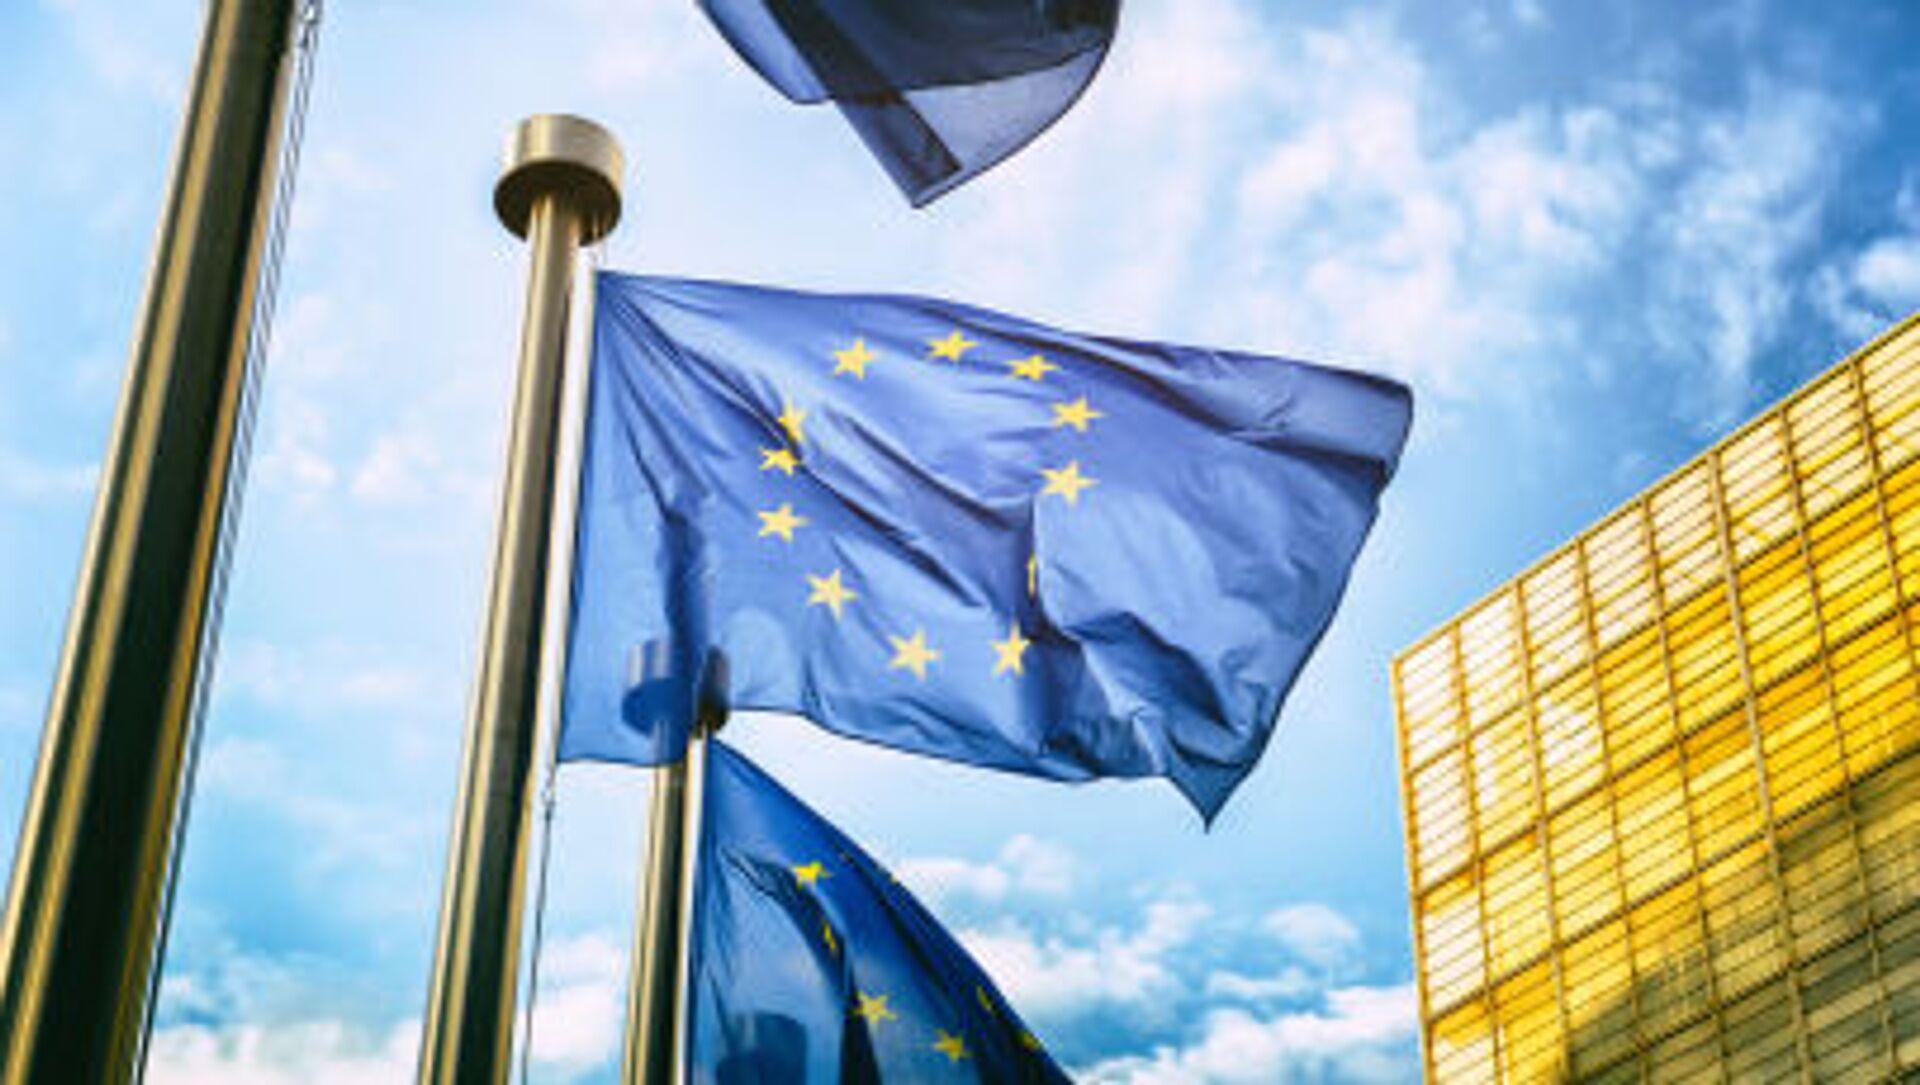 Vlajky EU - Sputnik Česká republika, 1920, 26.02.2021